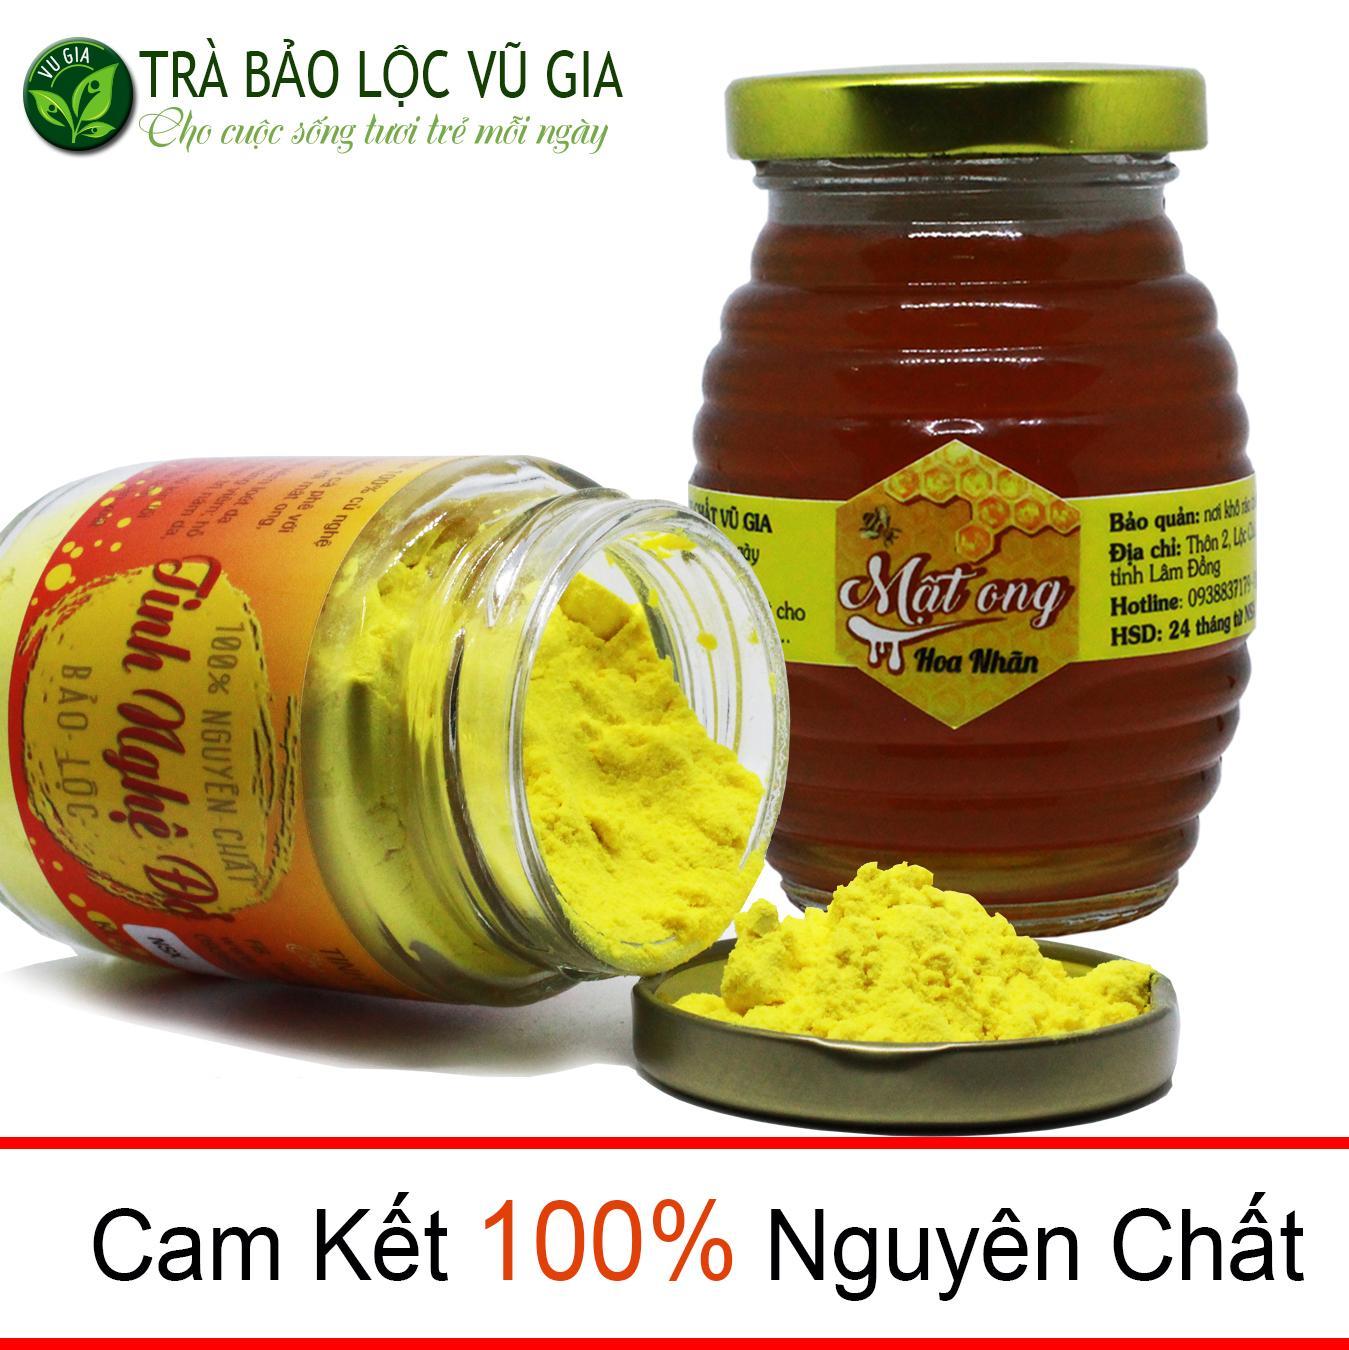 Combo Tinh Nghệ Đỏ 100g + Mật Ong Hoa Nhãn 200ml Nguyên Chất VG nhập khẩu